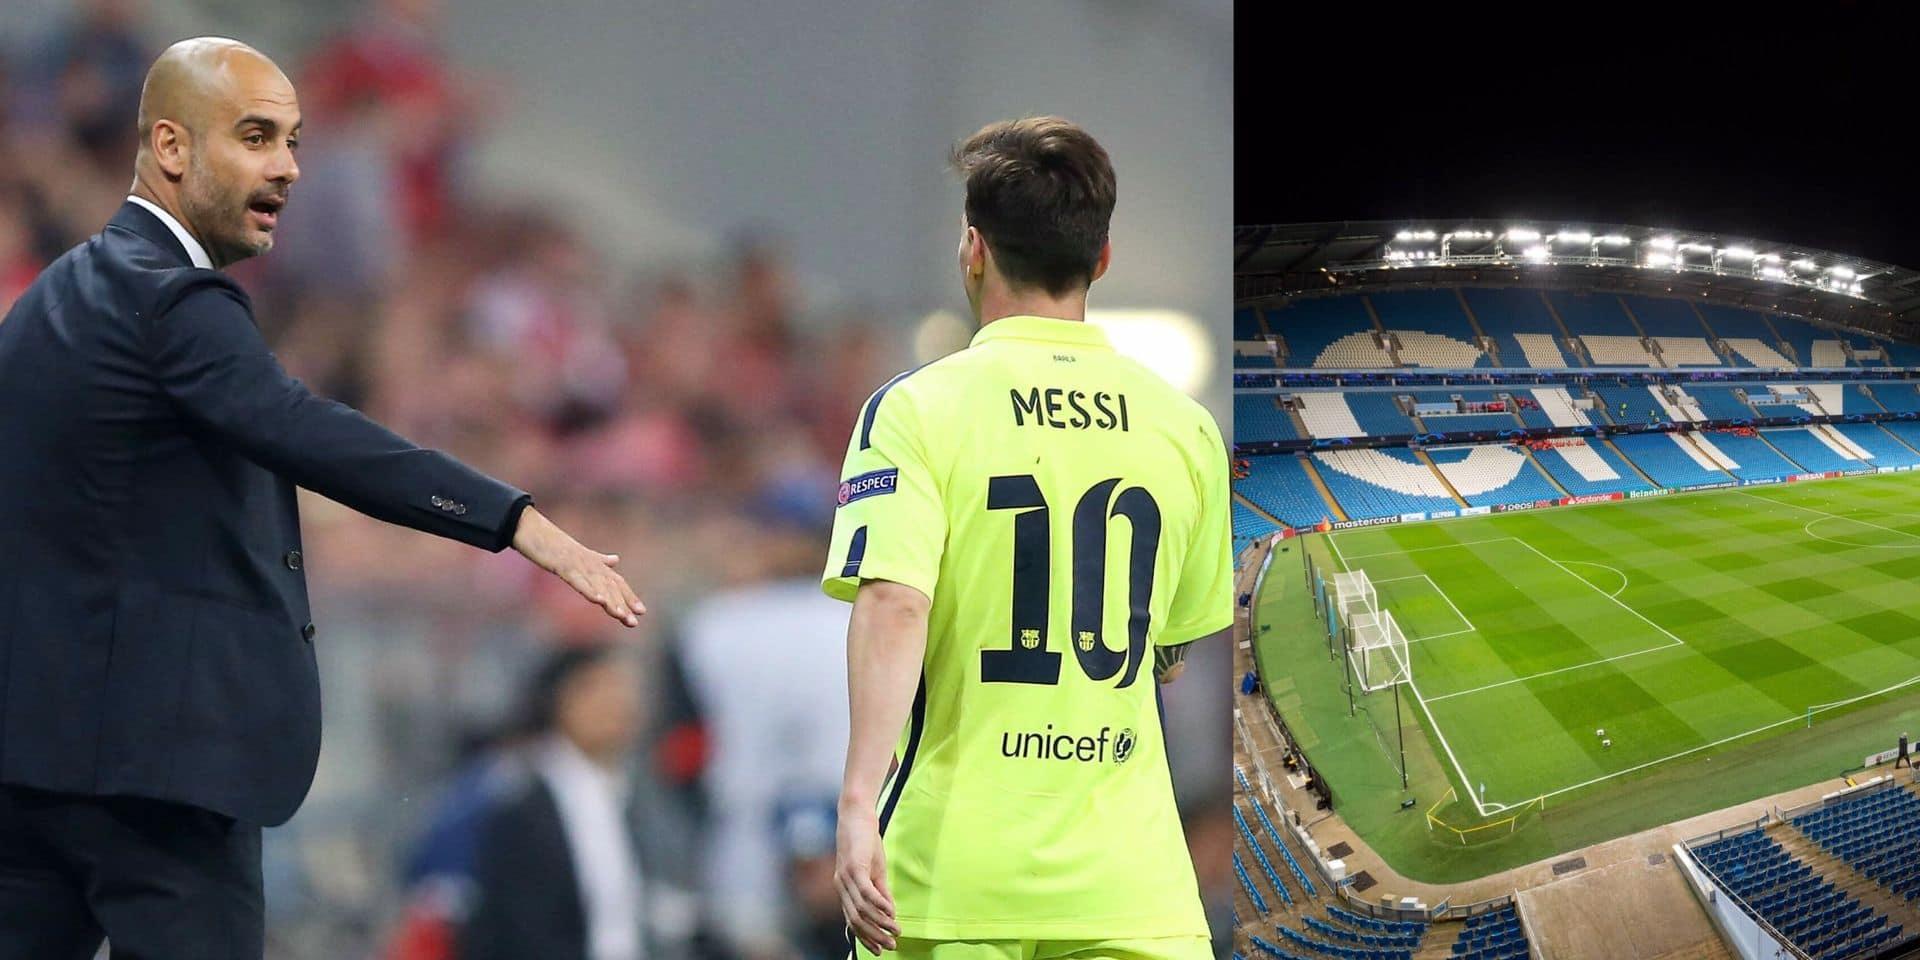 Le plan à 500 millions de Manchester City pour attirer Lionel Messi